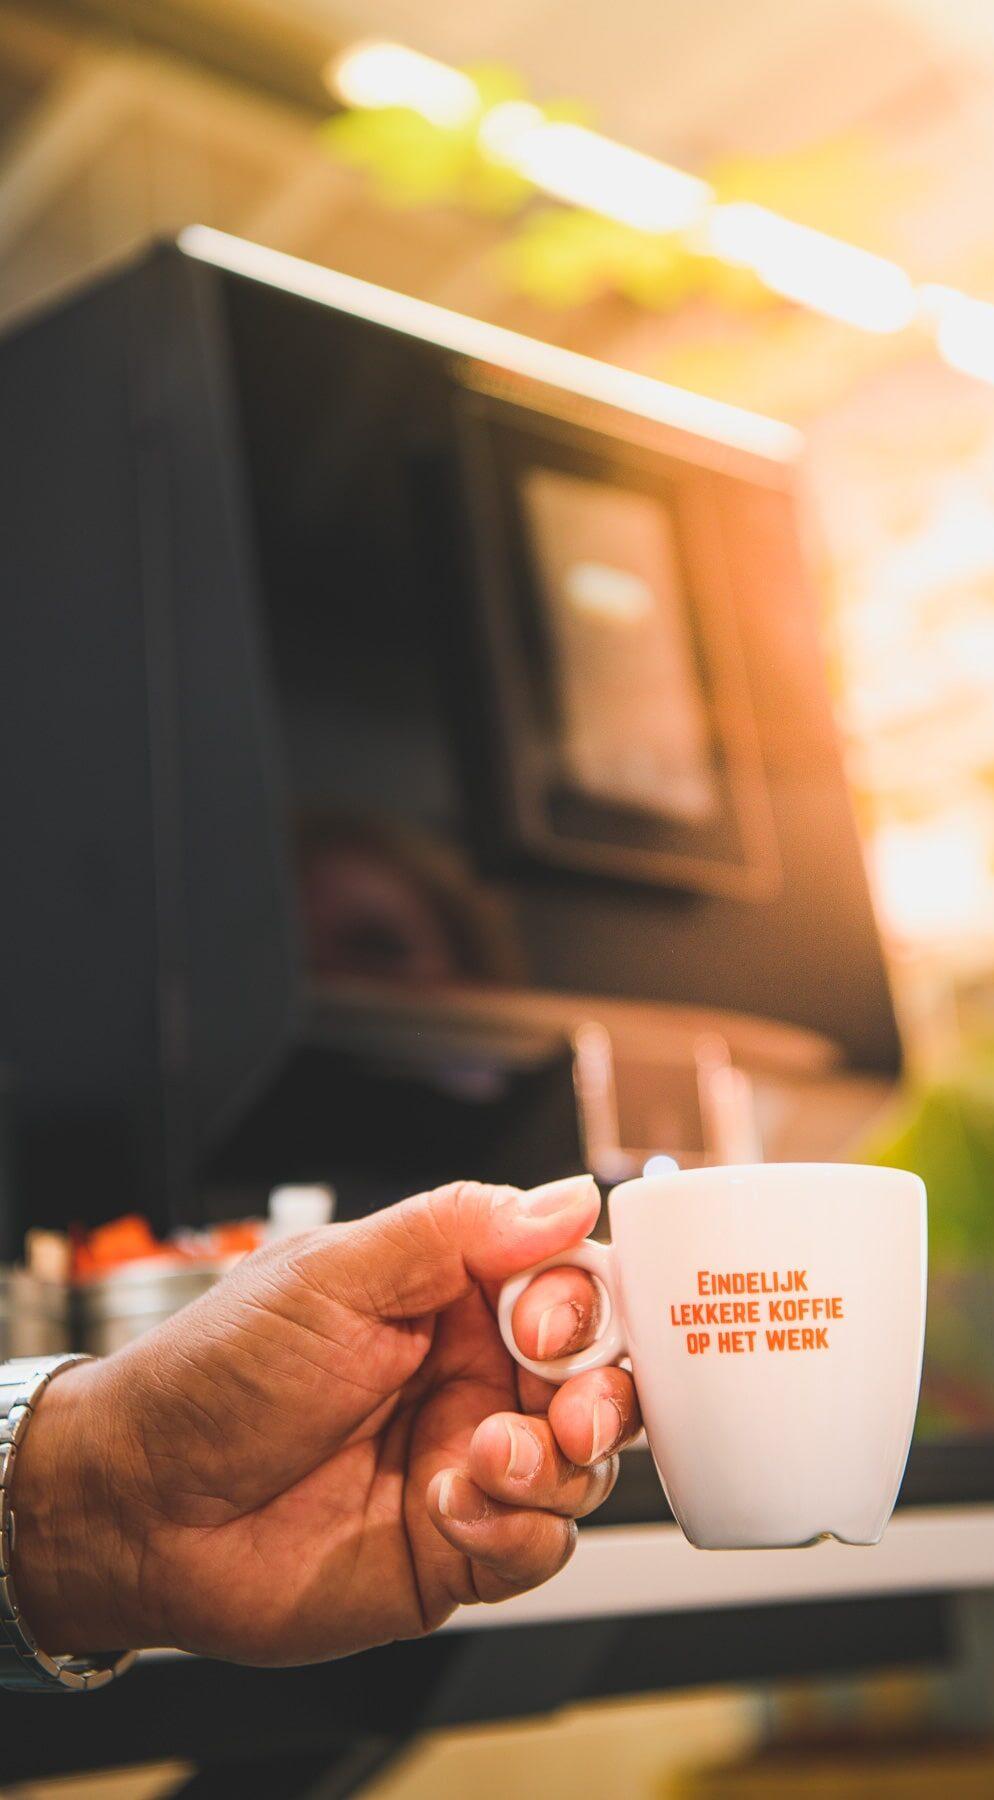 Koffie van een koffiemachine voor kleine bedrijven